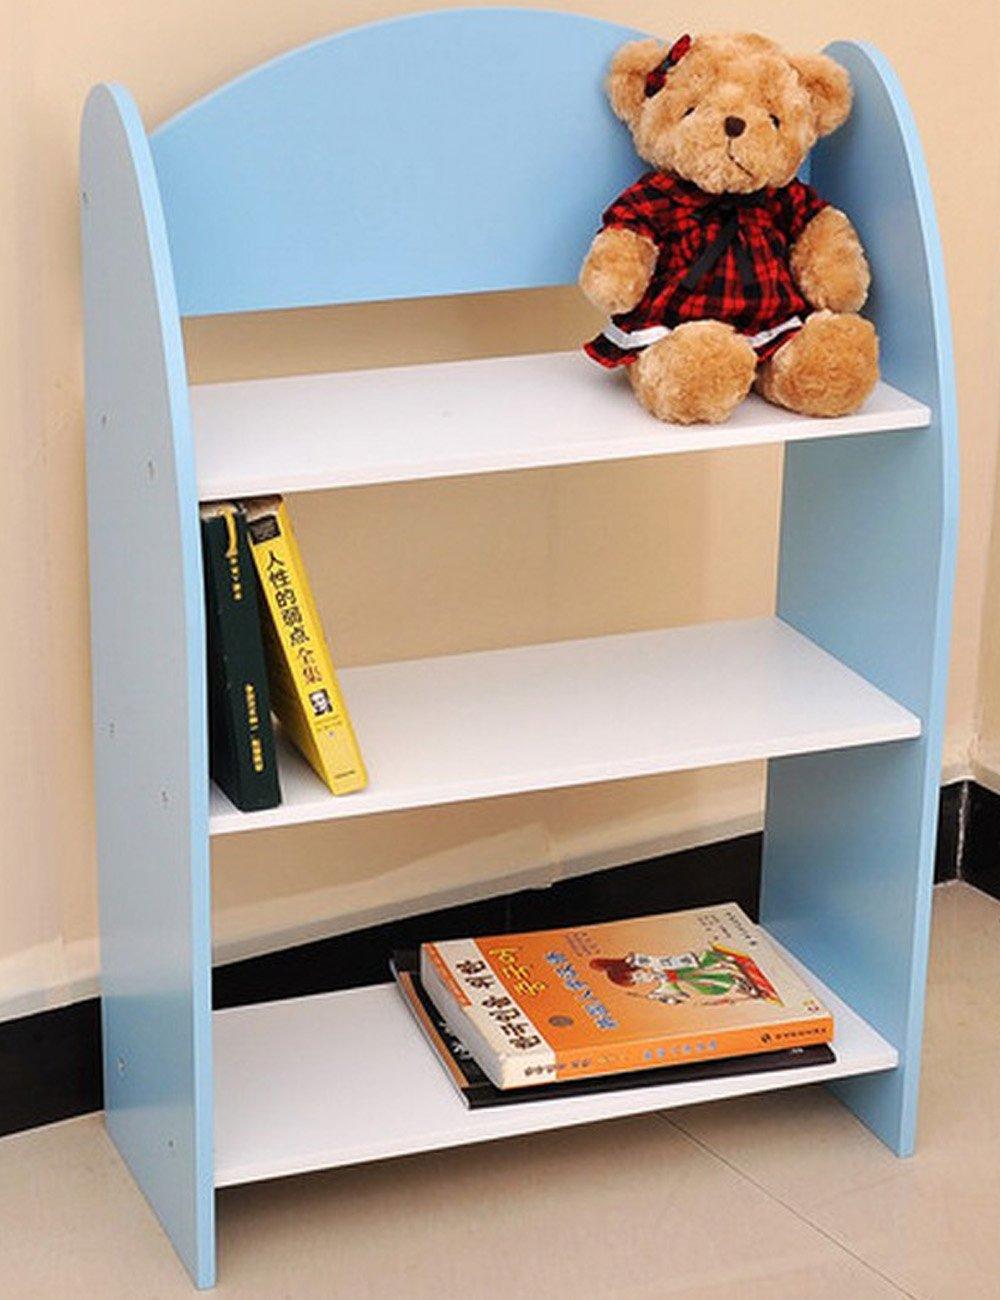 卓格 鞋柜 欧式多用途置物架 靠墙书架 收纳书柜 鞋架